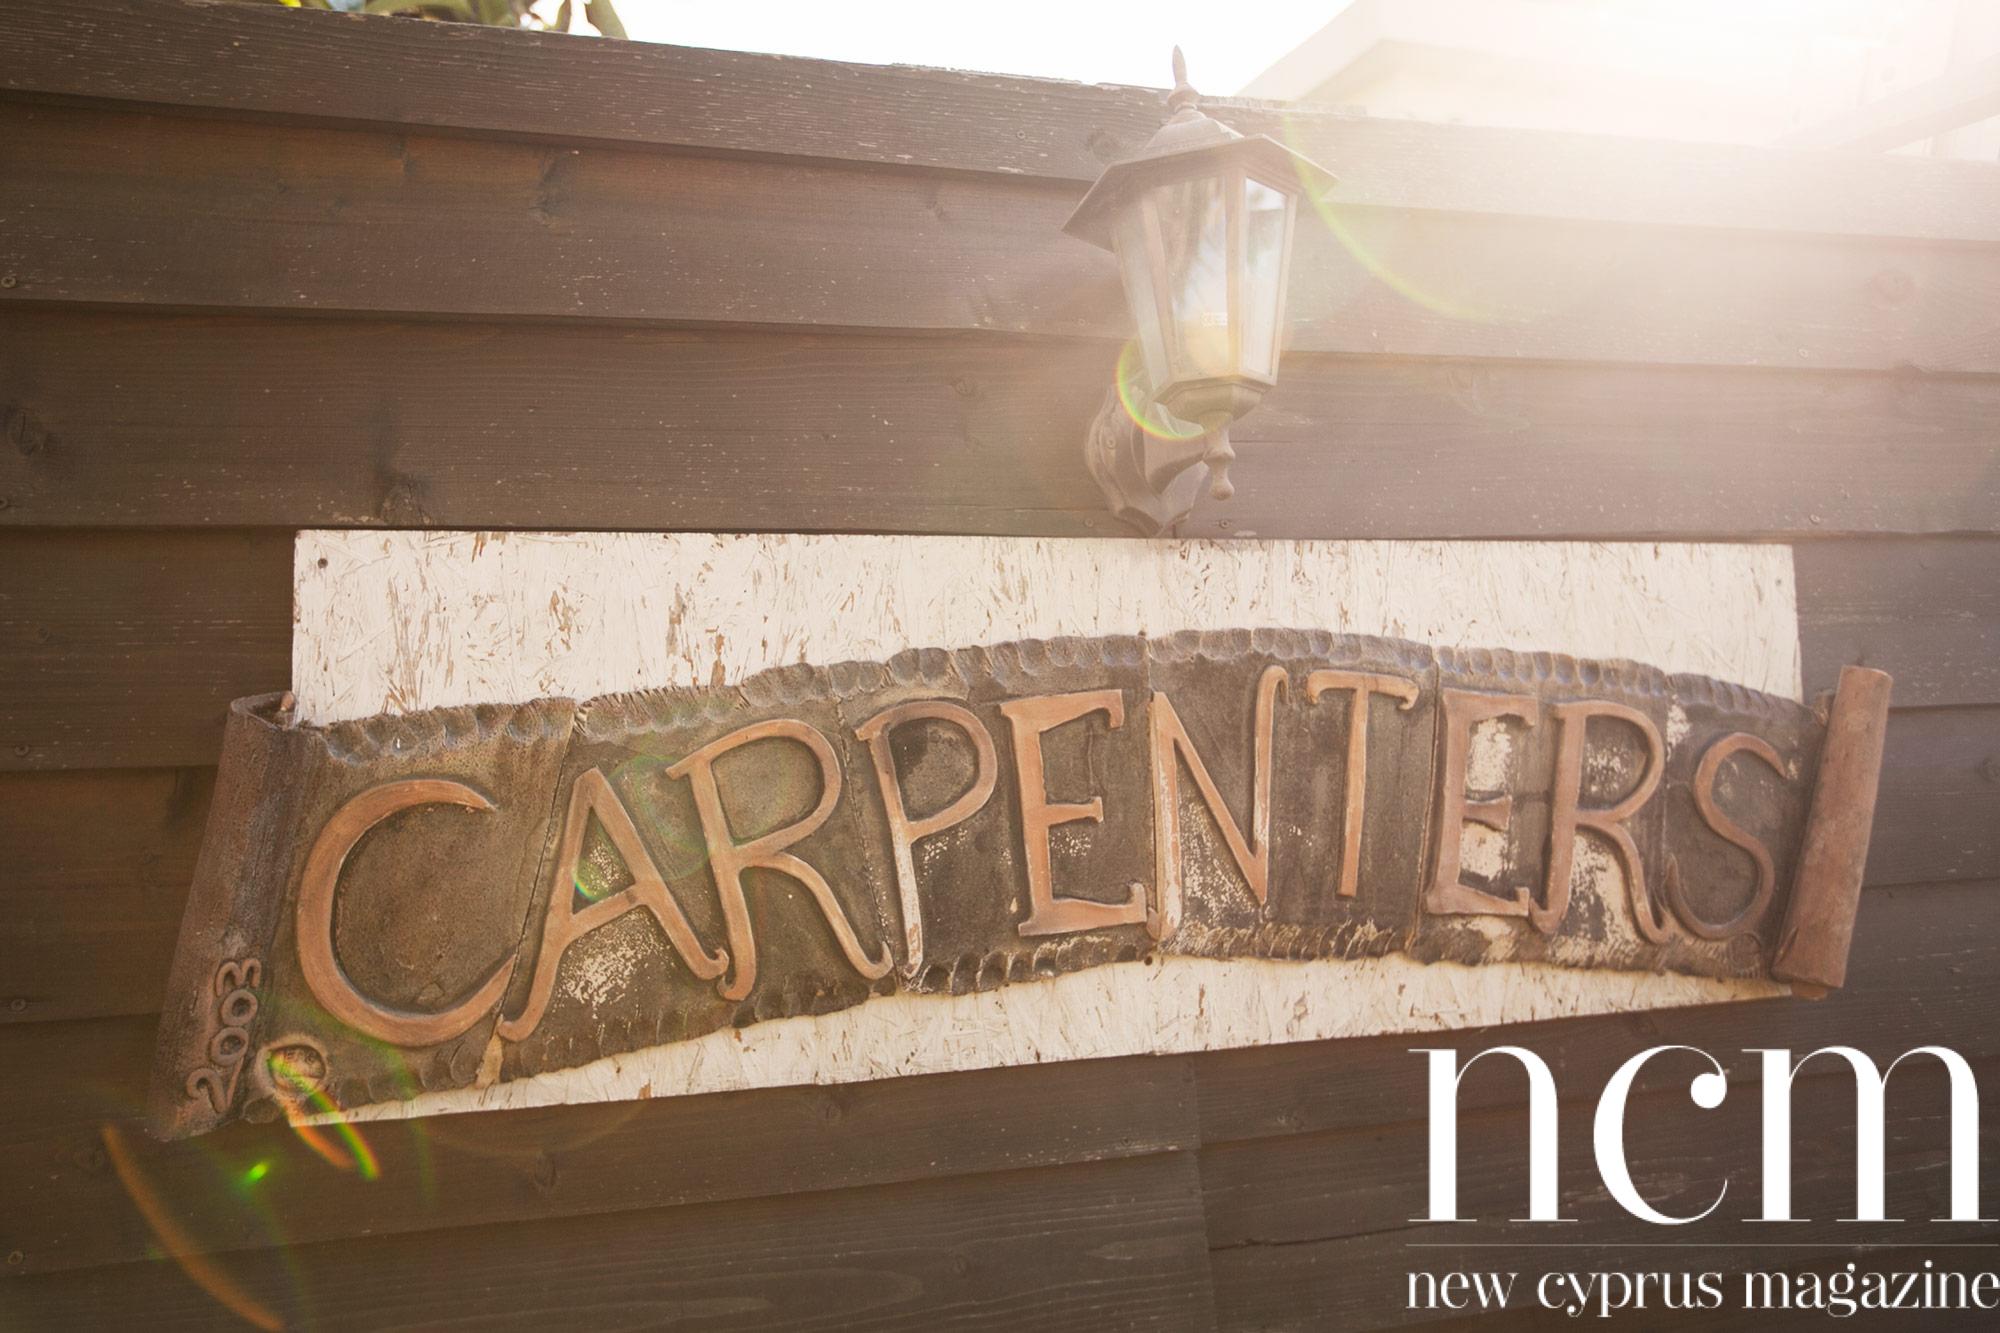 The Carpenters Restaurant